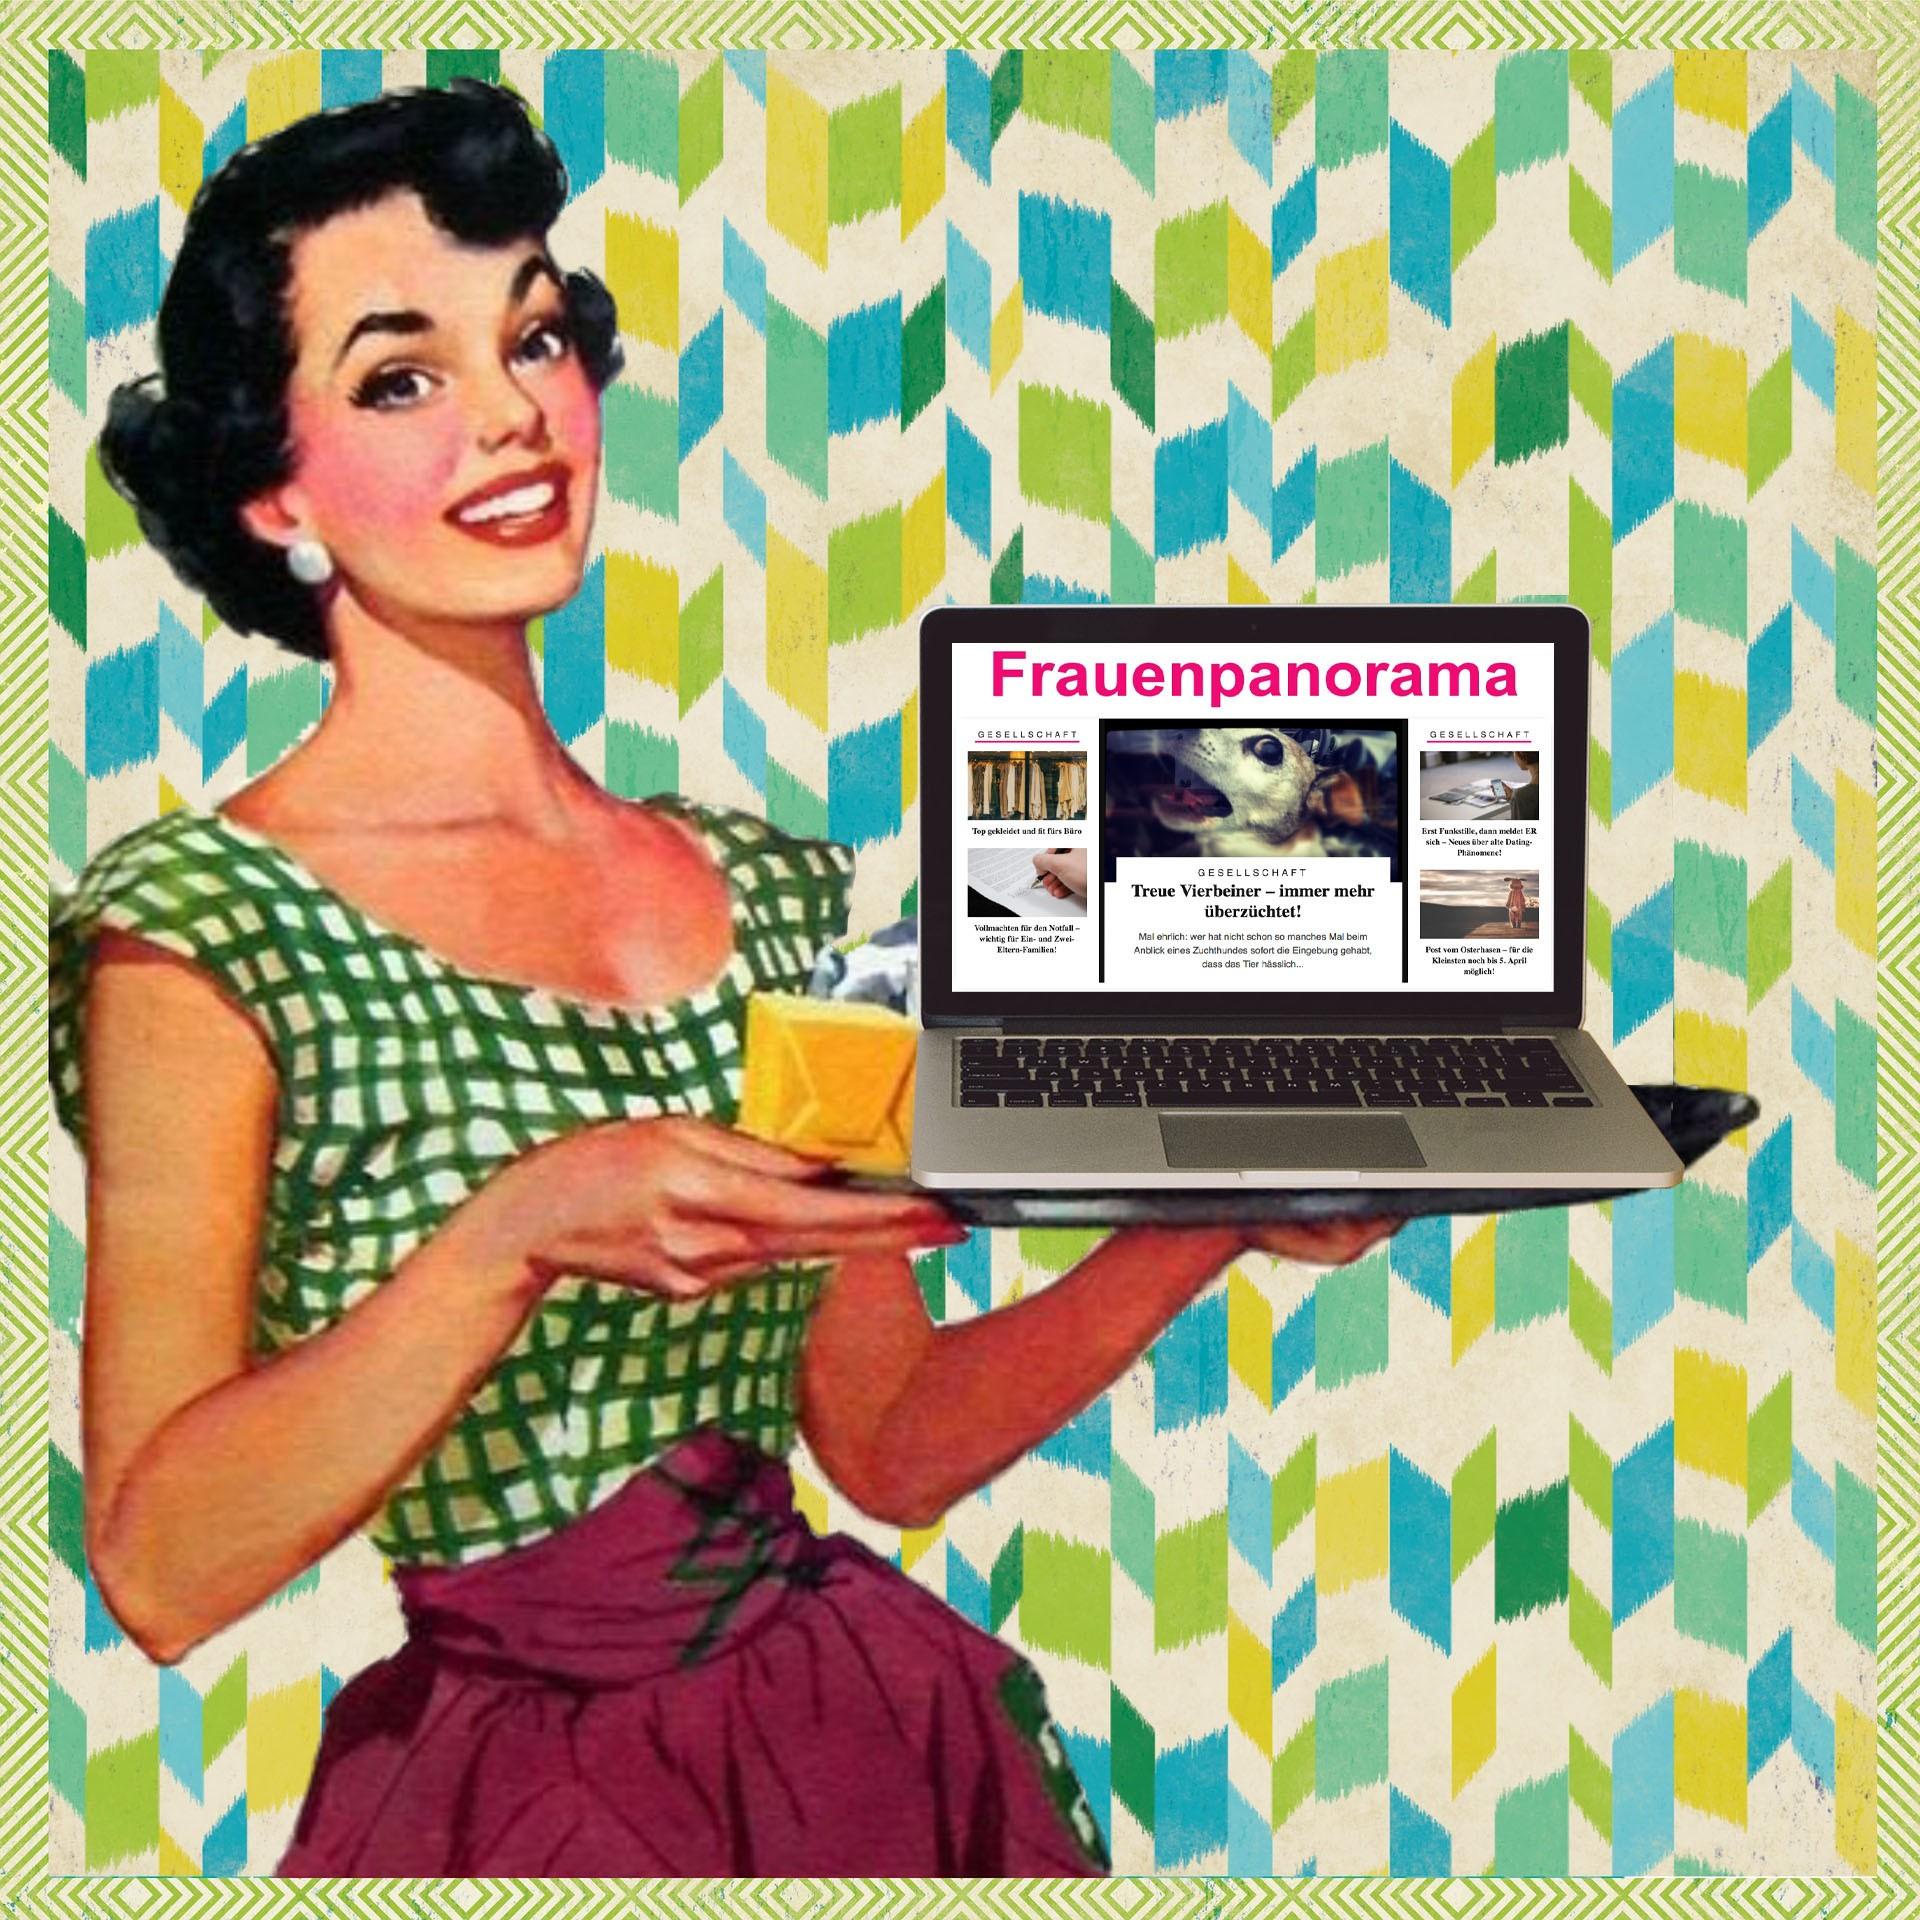 Wie eine frauenseite rechte propaganda als weibliche selbstermaechtigung verkauft 1491303255